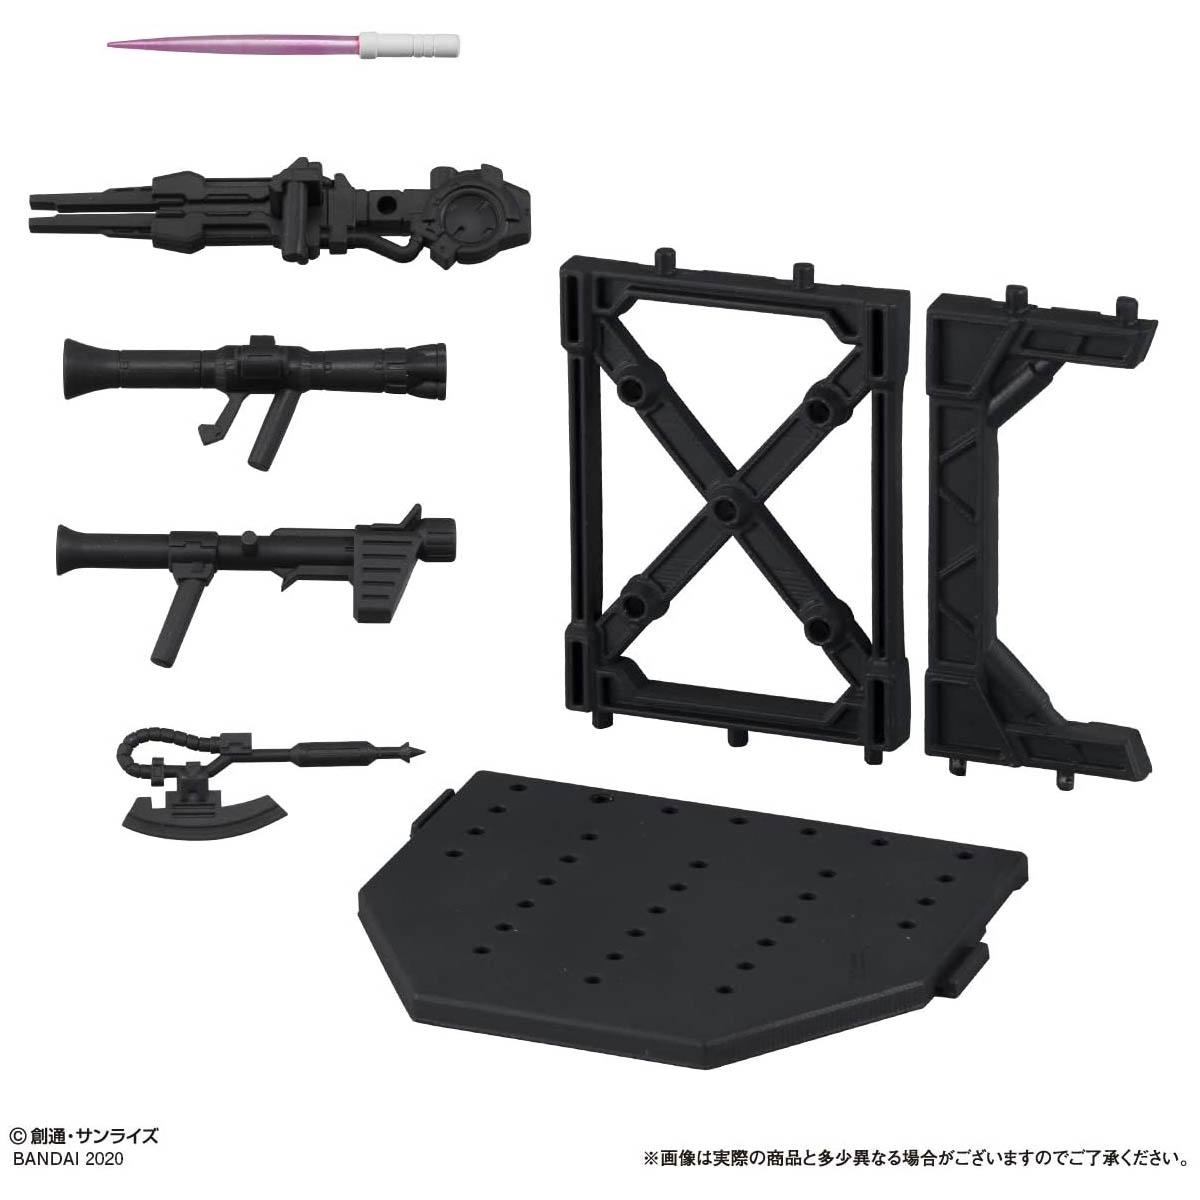 【ガシャポン】機動戦士ガンダム『ガシャポン戦士フォルテ11』12個入りBOX-007